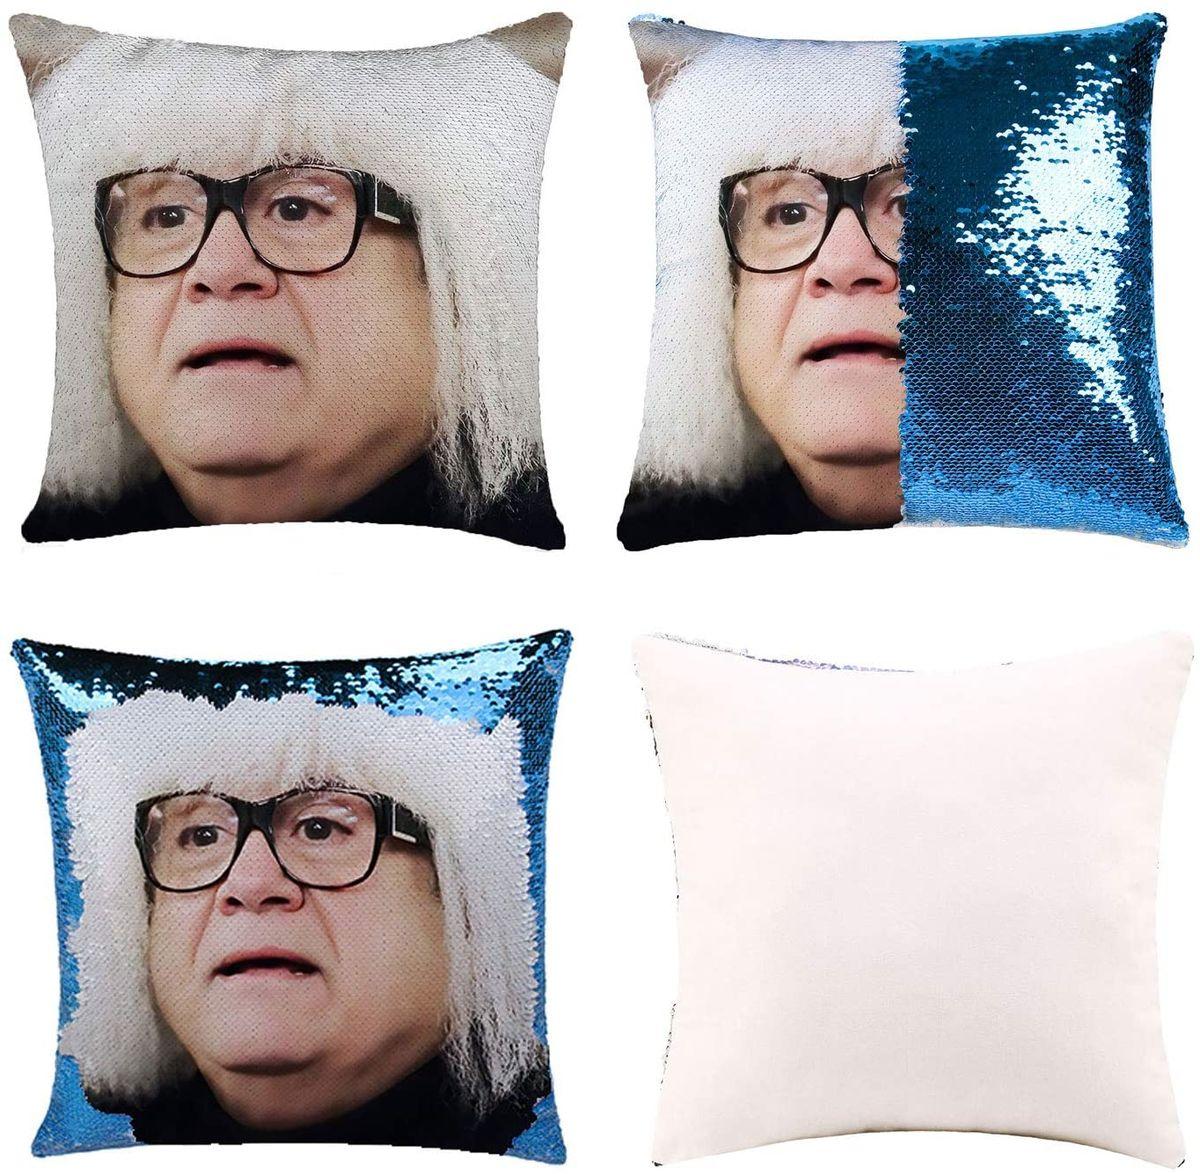 Веселые DIY подушки с блестками, чехол для телефона, волшебные двусторонние Чехлы для подушки, декоративные наволочки с изменением цвета